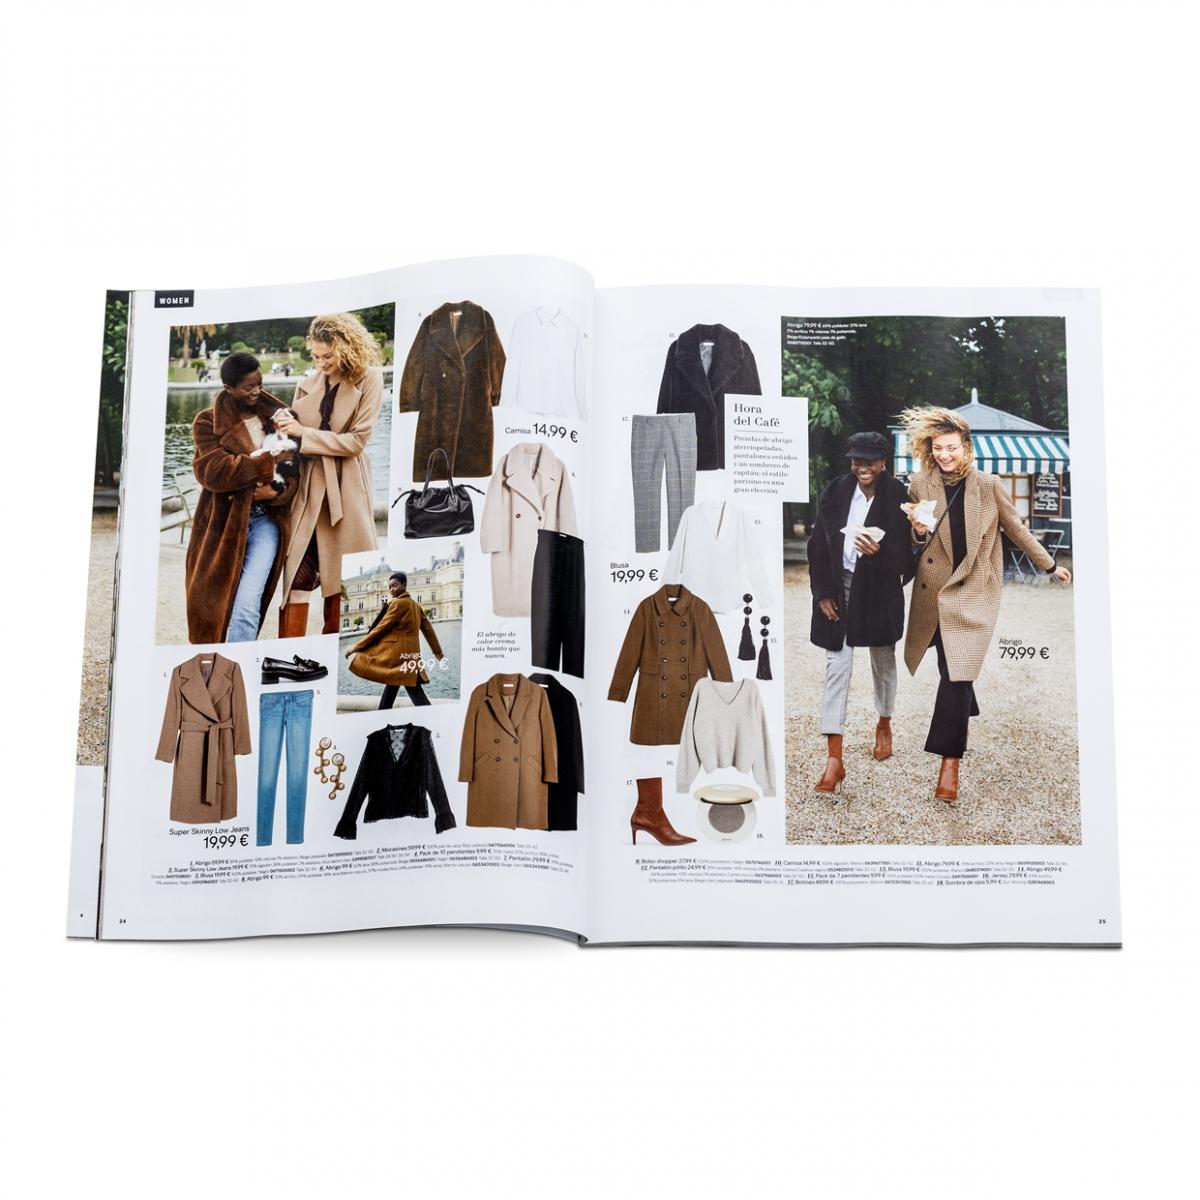 Imagen en la que se ve un catálogo de ropa